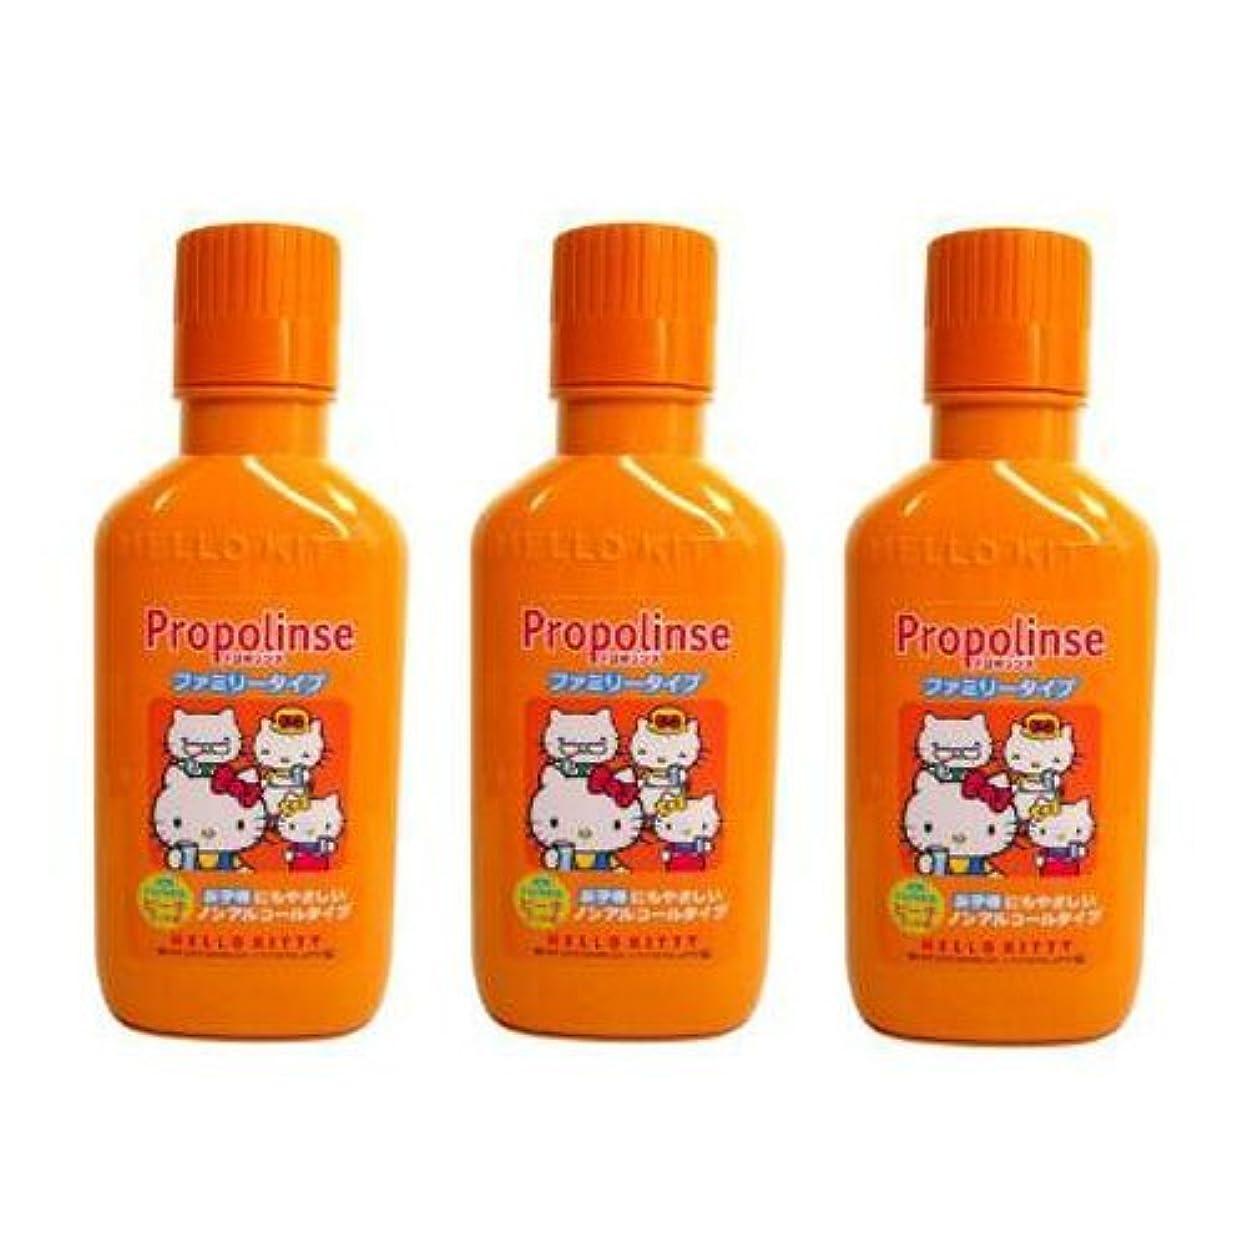 蒸発する効能ある誤解プロポリンス ファミリータイプ 3個